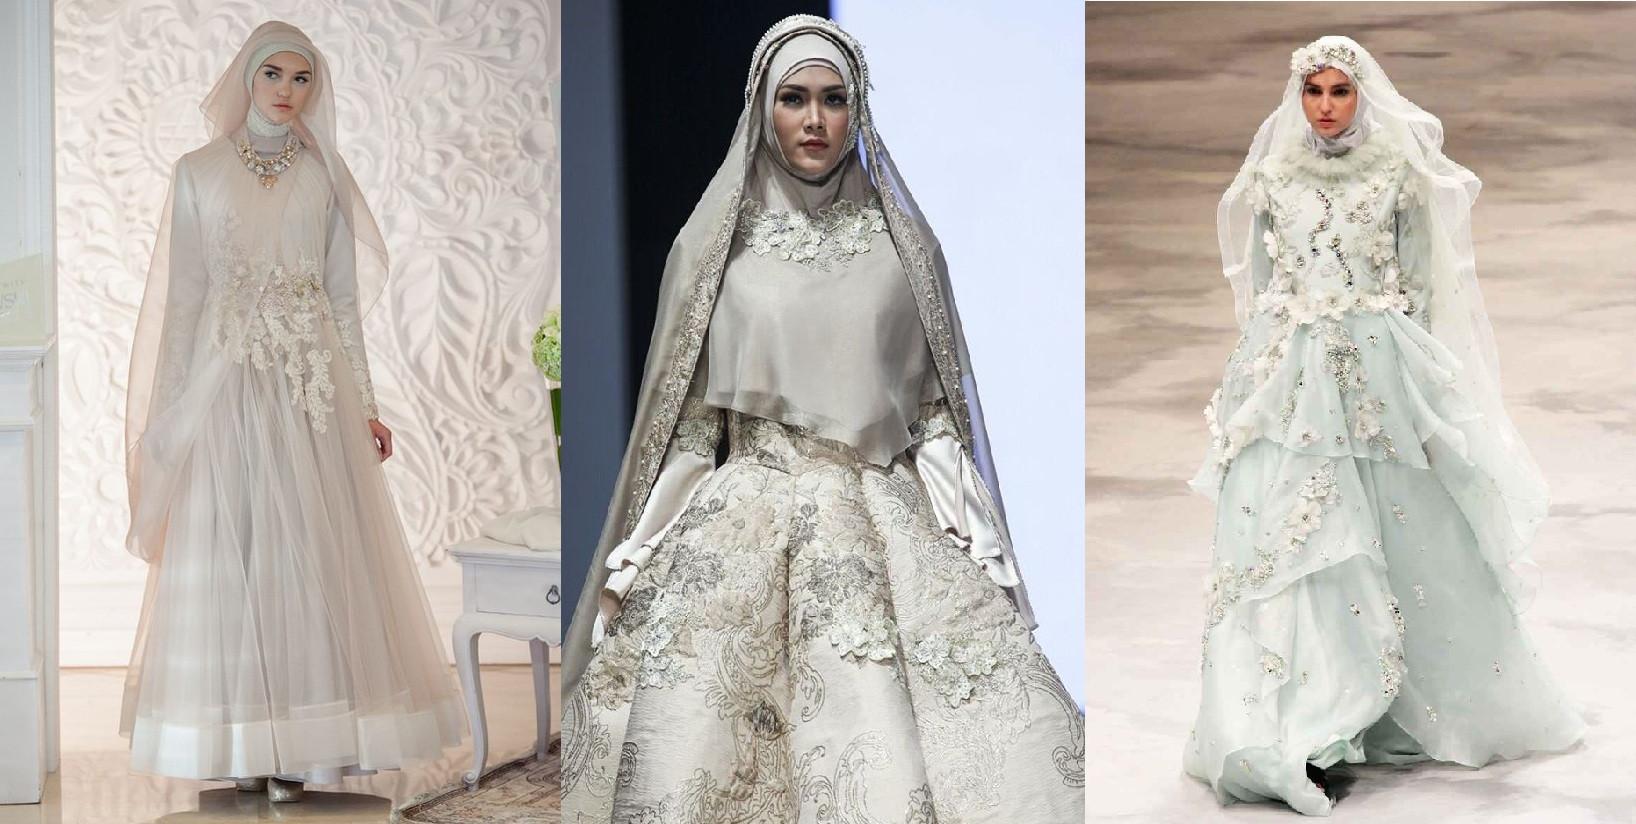 Gaun Pengantin Syari Muslimah Bercadar Unique Cantik Dengan Gaun Pengantin Muslimah Syar I Prelo Blog